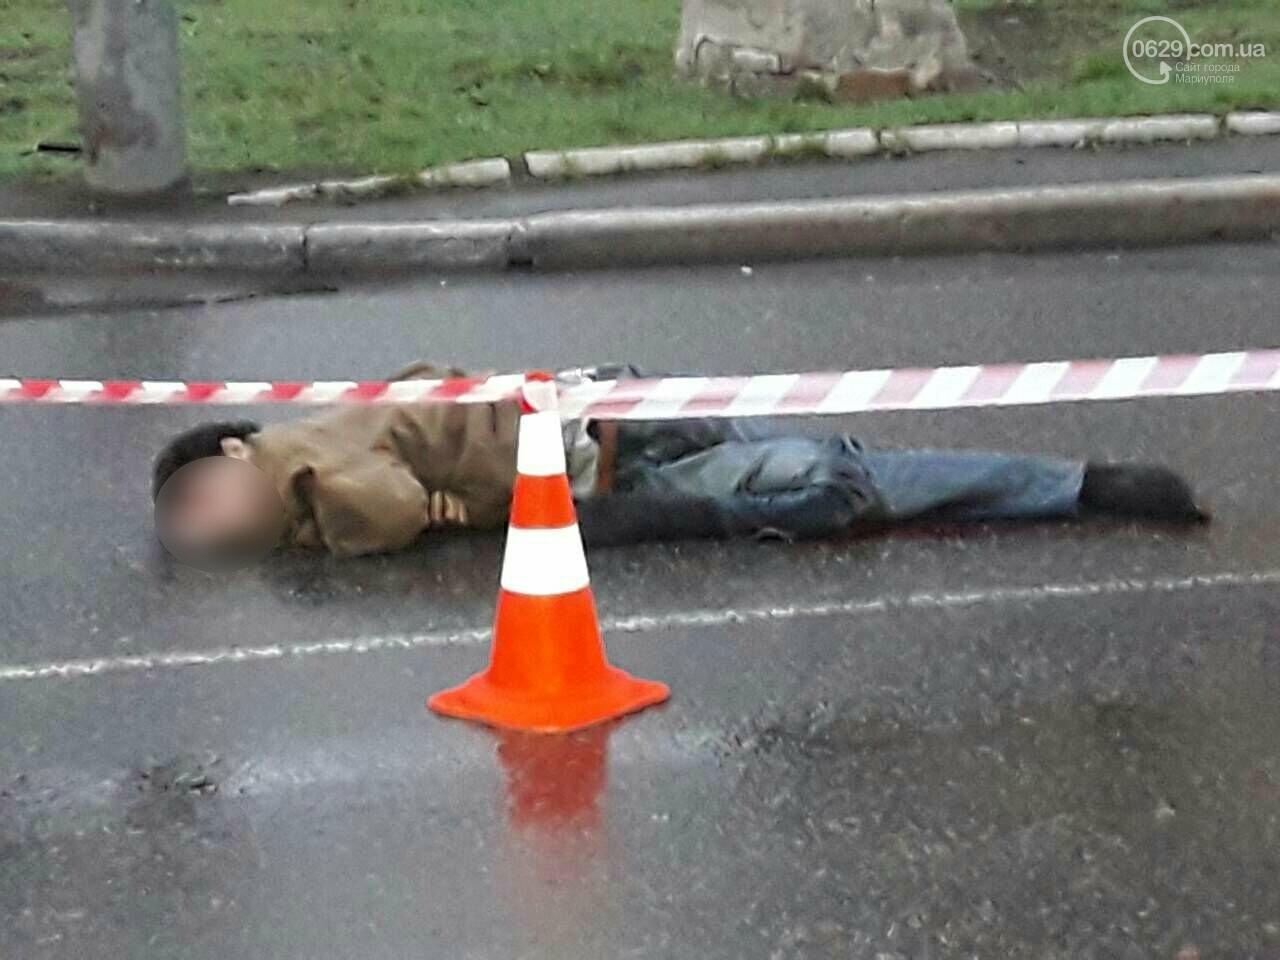 Смертельное ДТП. В центре Мариуполя на дороге нашли труп мужчины, - ФОТО 18+, фото-5